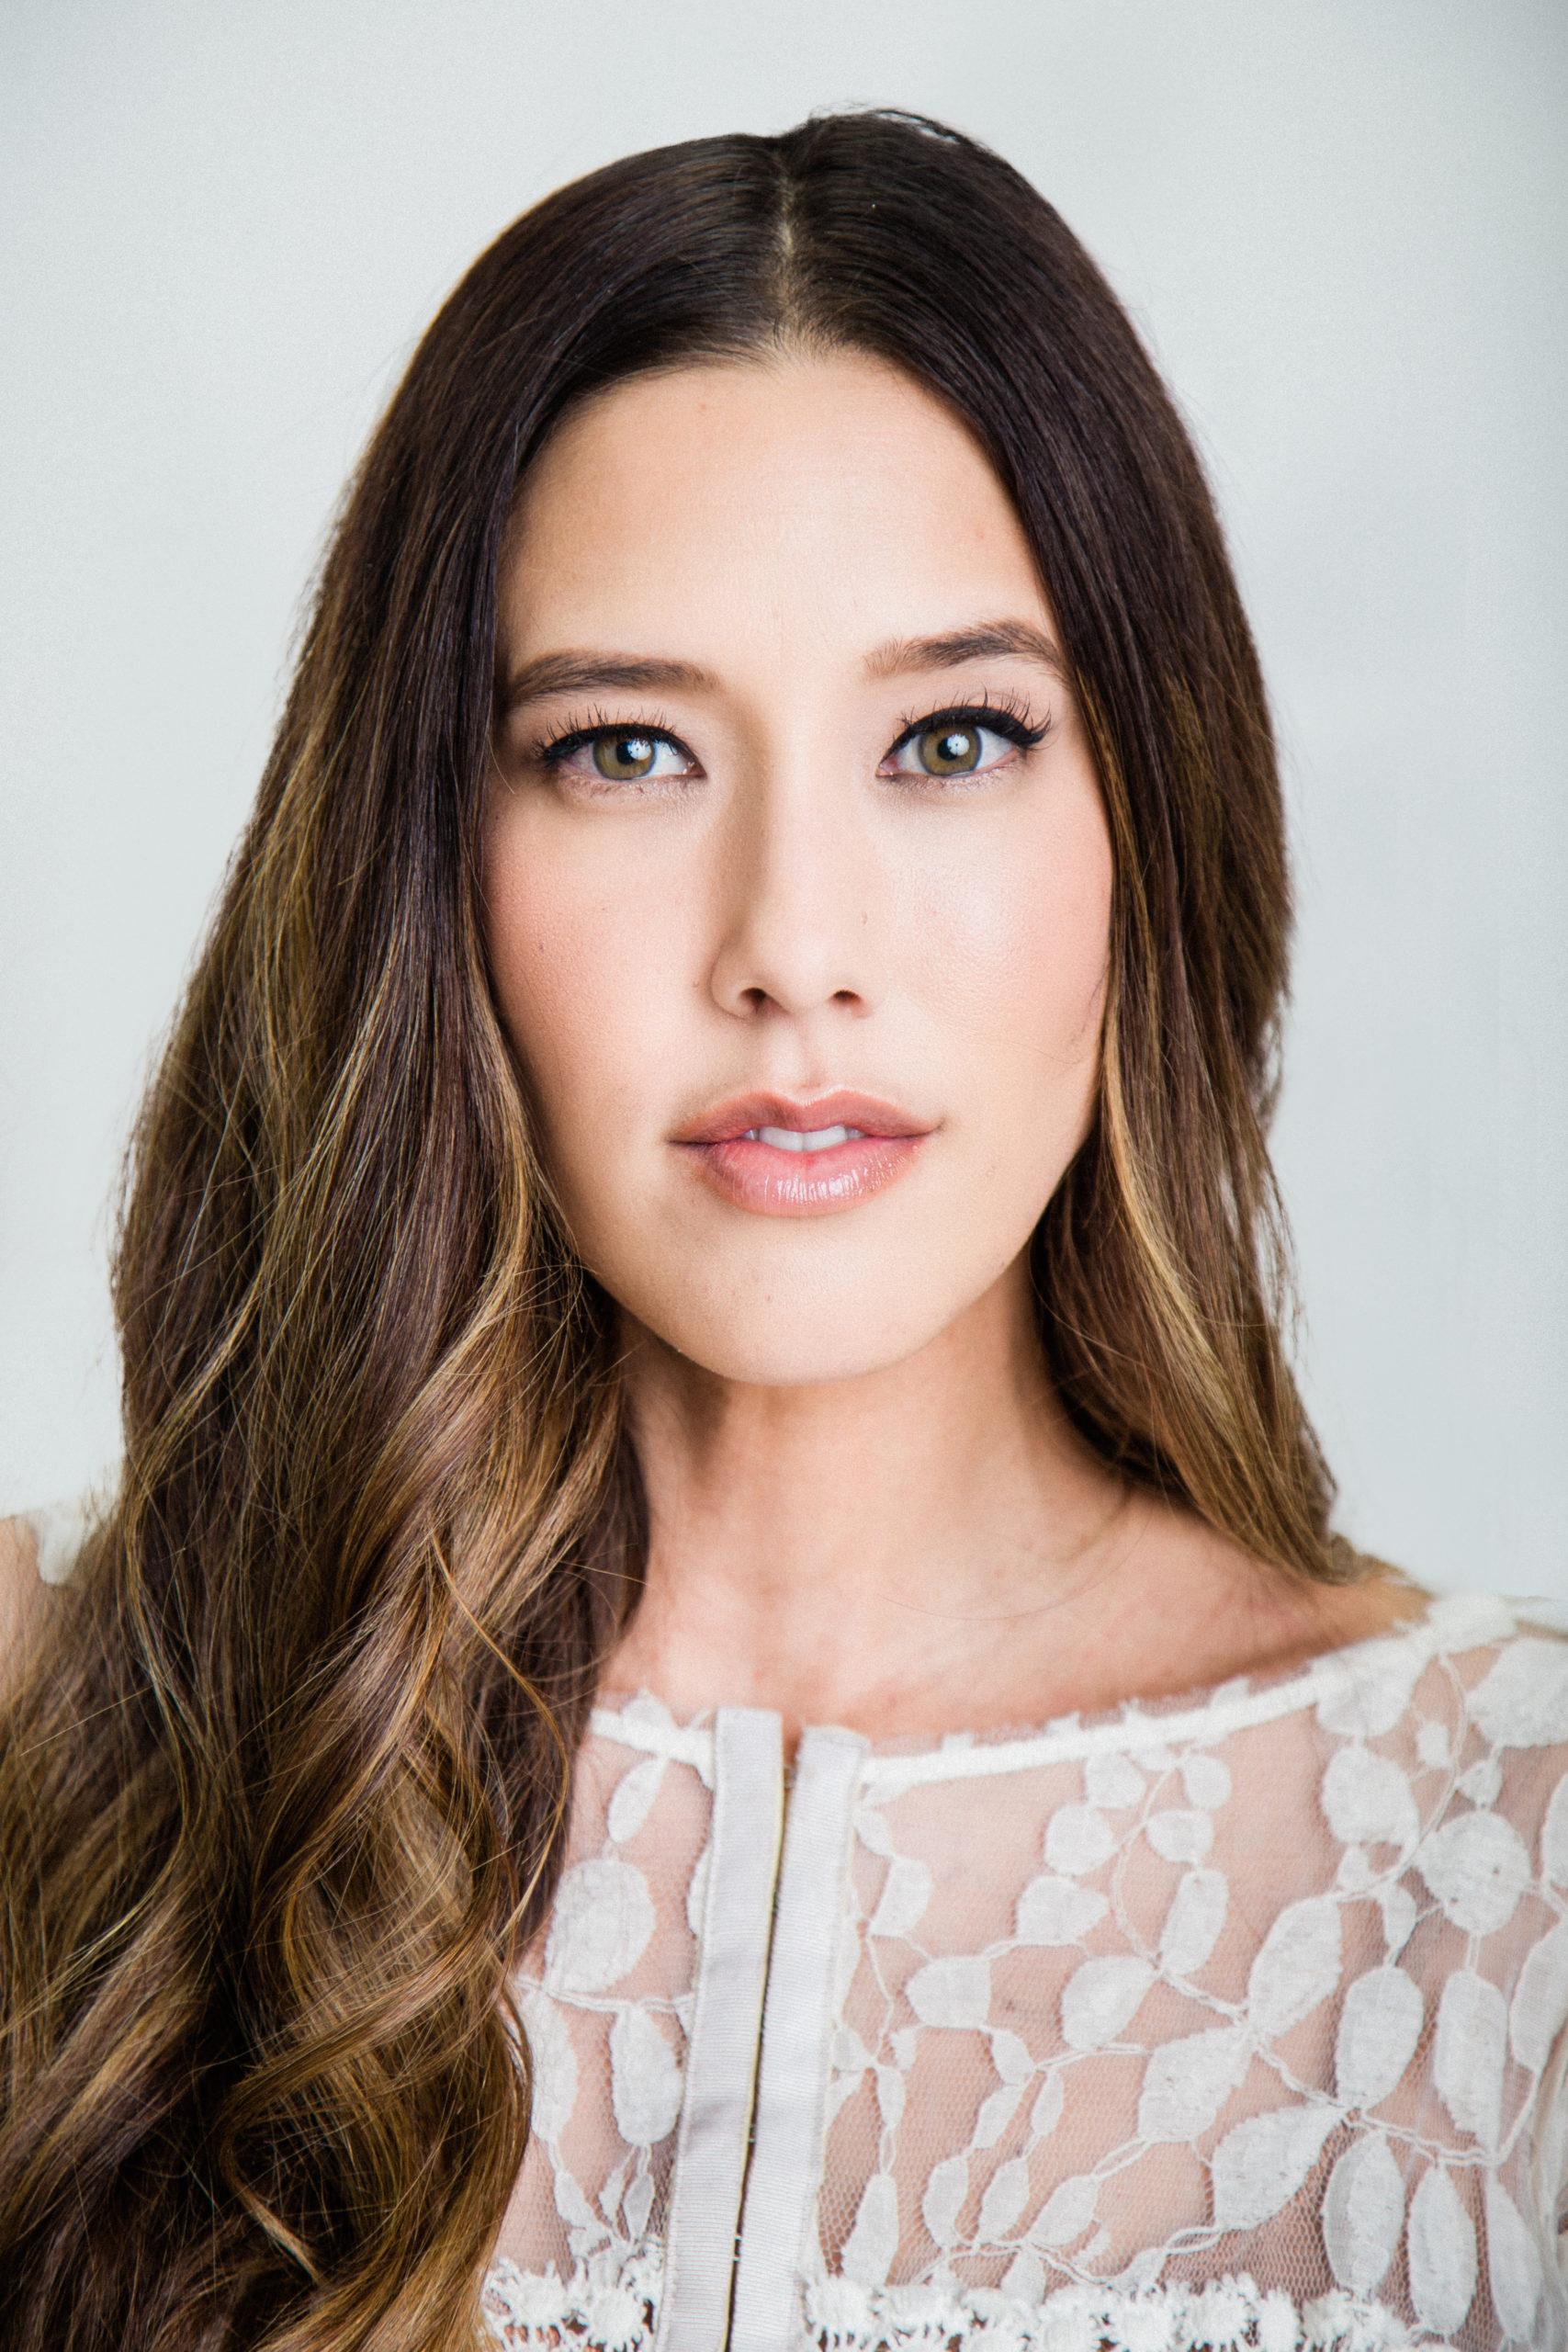 Lianna Kinard | 2020 Women of the Year